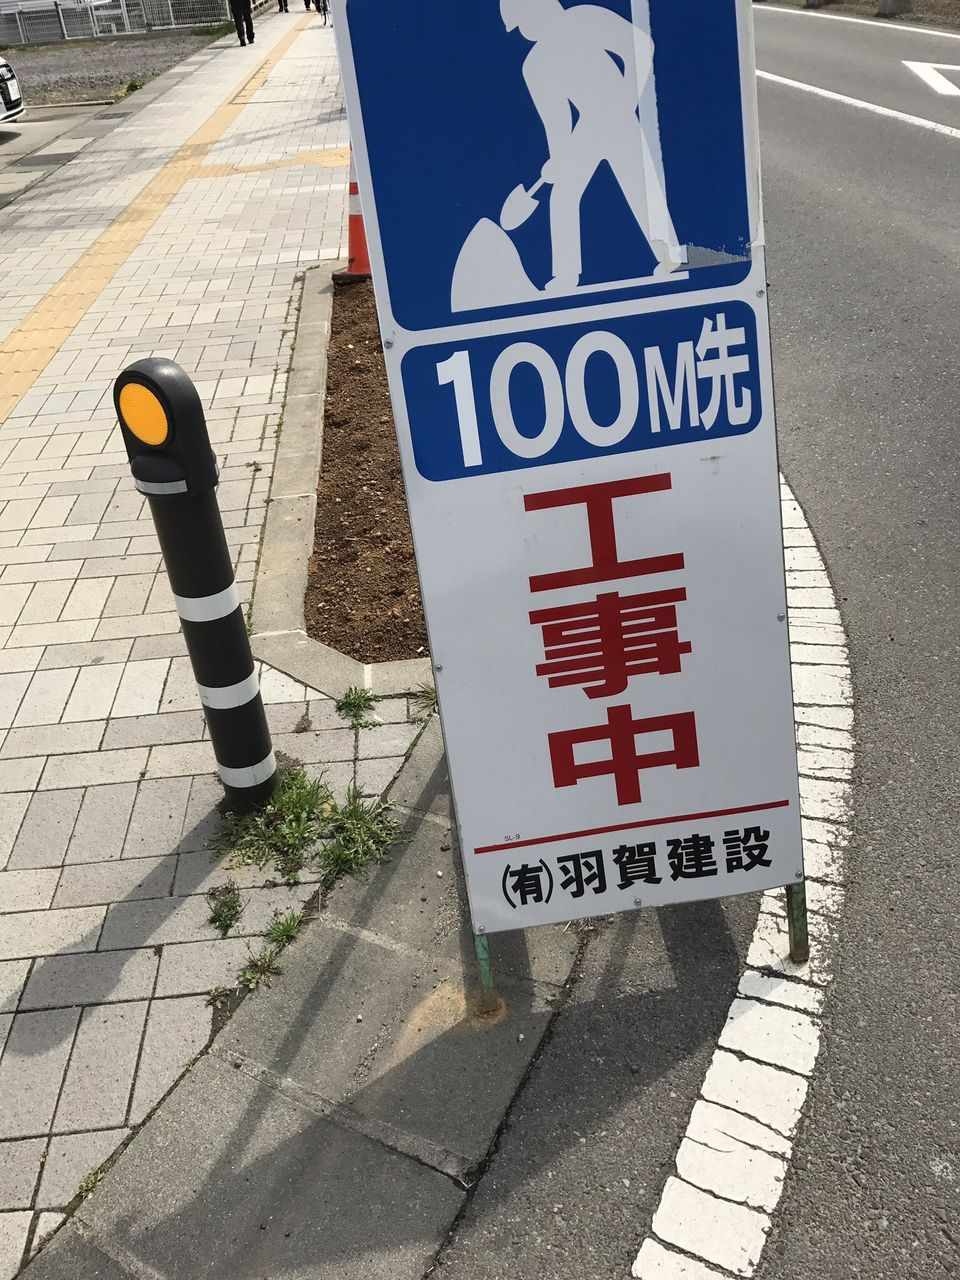 【エンタメ画像】長野の羽賀建設★★★★★★★★★★★★★★★★